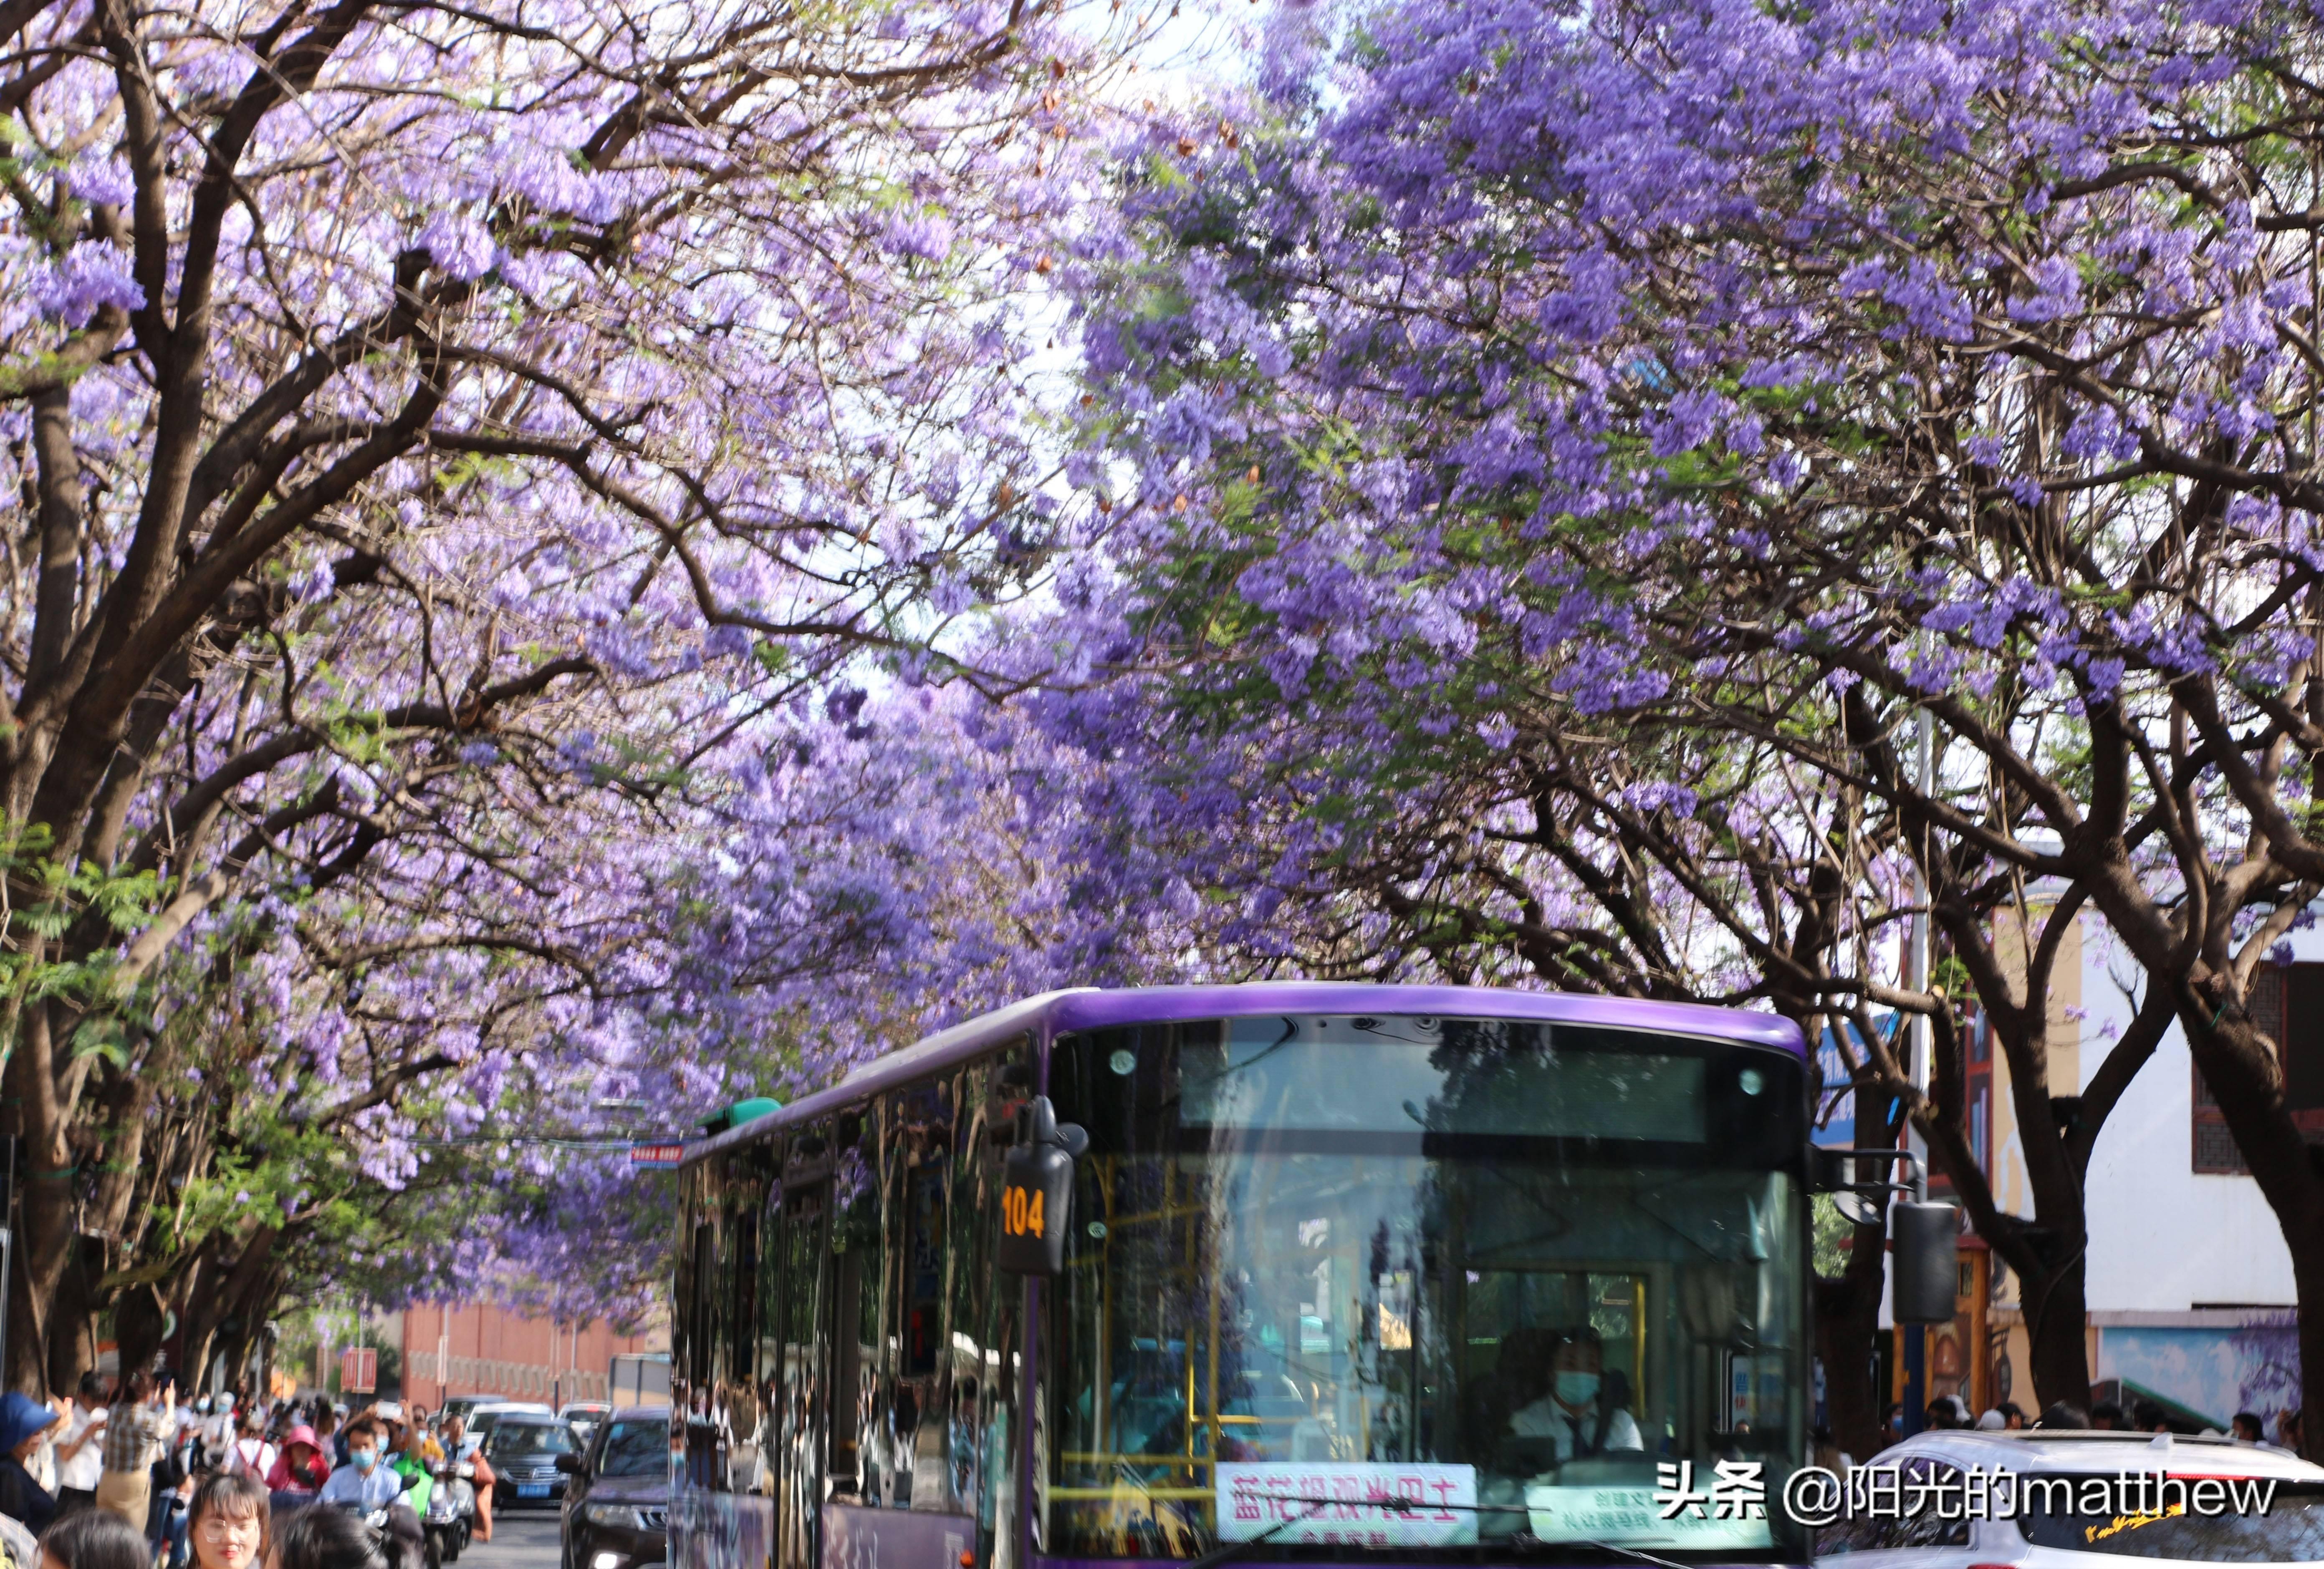 昆明:教场中路蓝花楹盛开,花潮人流汇成一幅美丽图景